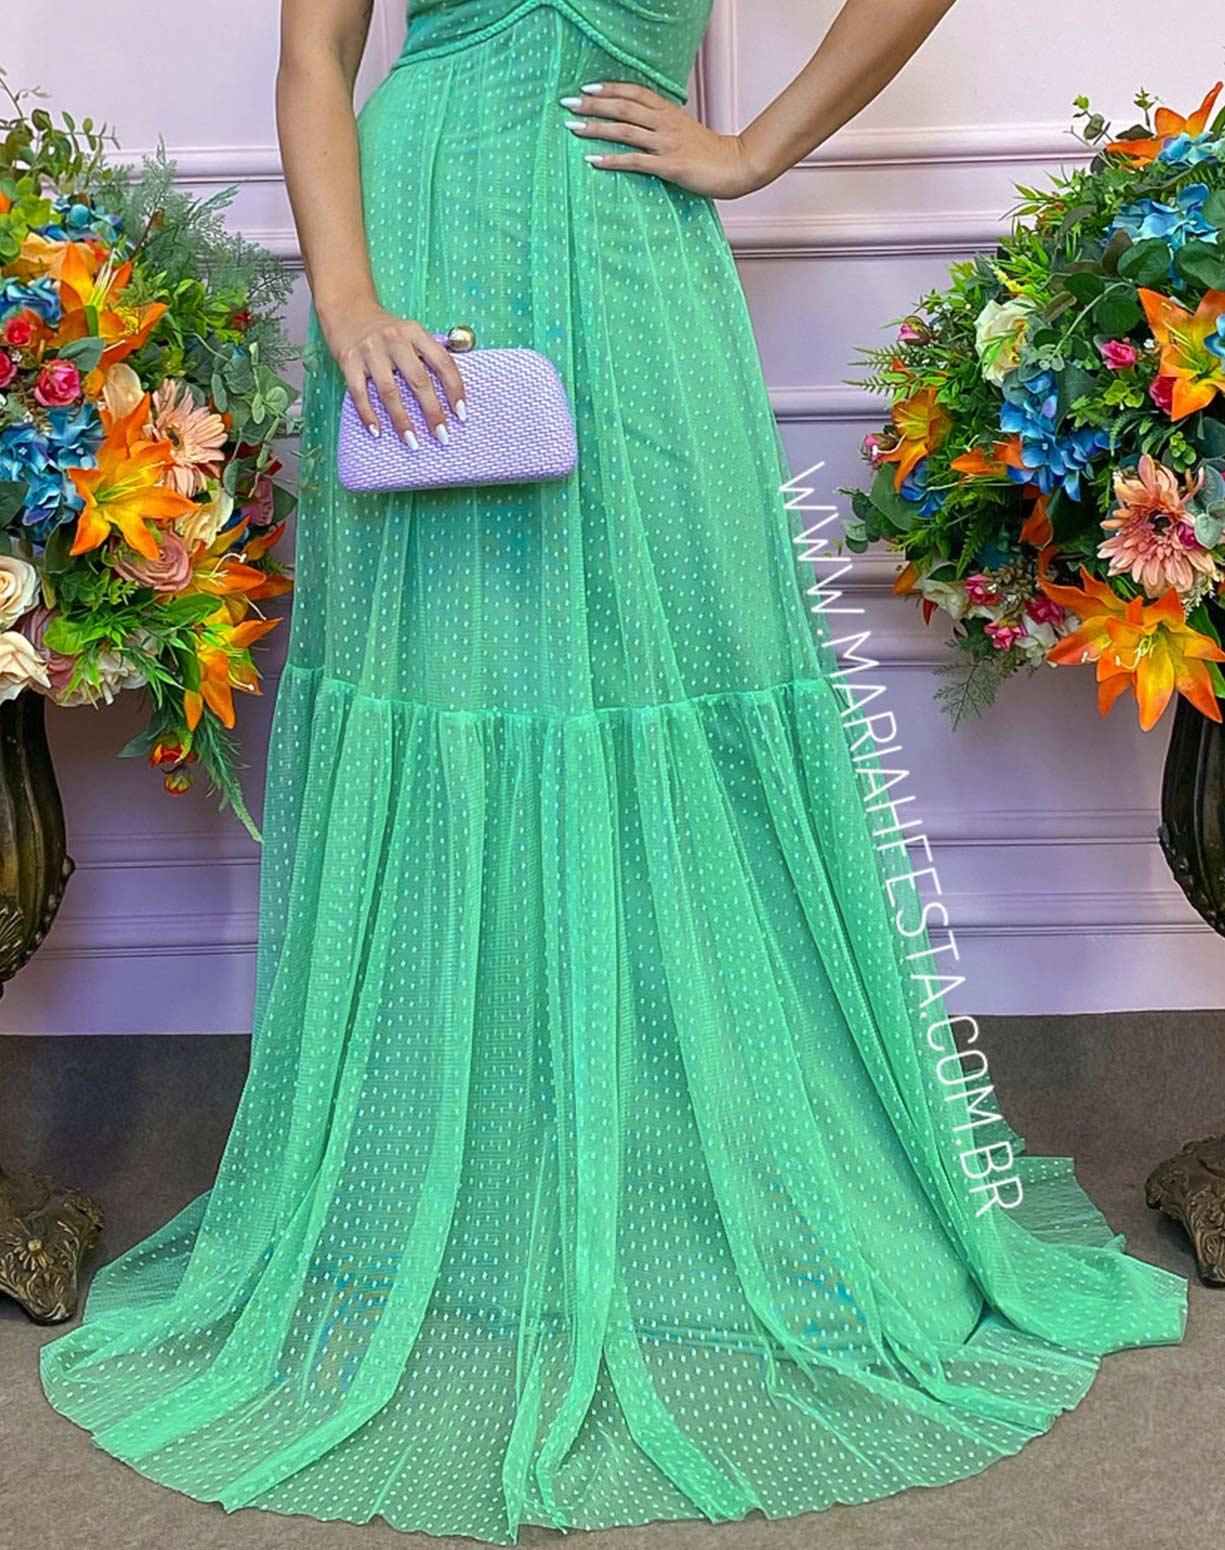 Vestido Verde Água em Tule Texturizado